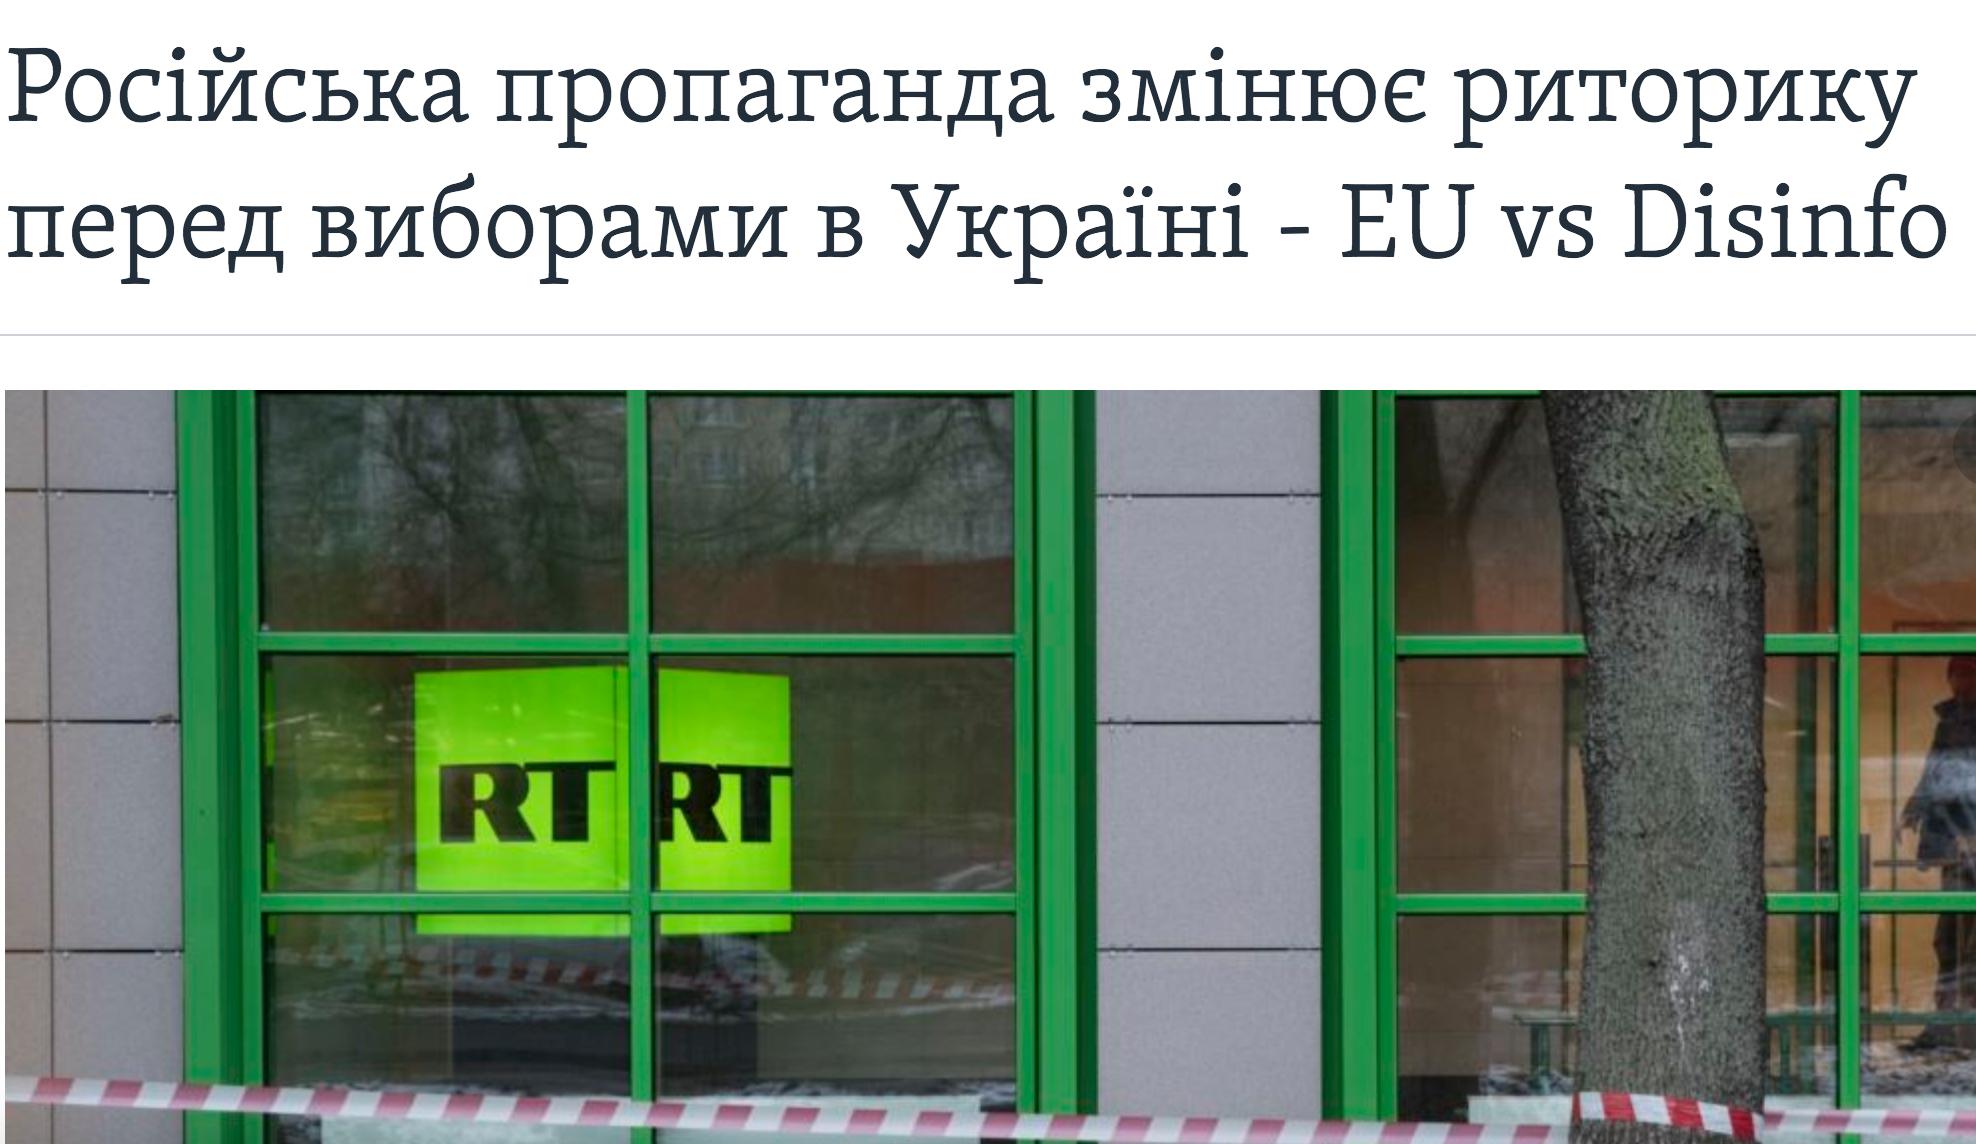 VOA:  Російська пропаганда змінює риторику перед виборами в Україні – EU vs Disinfo